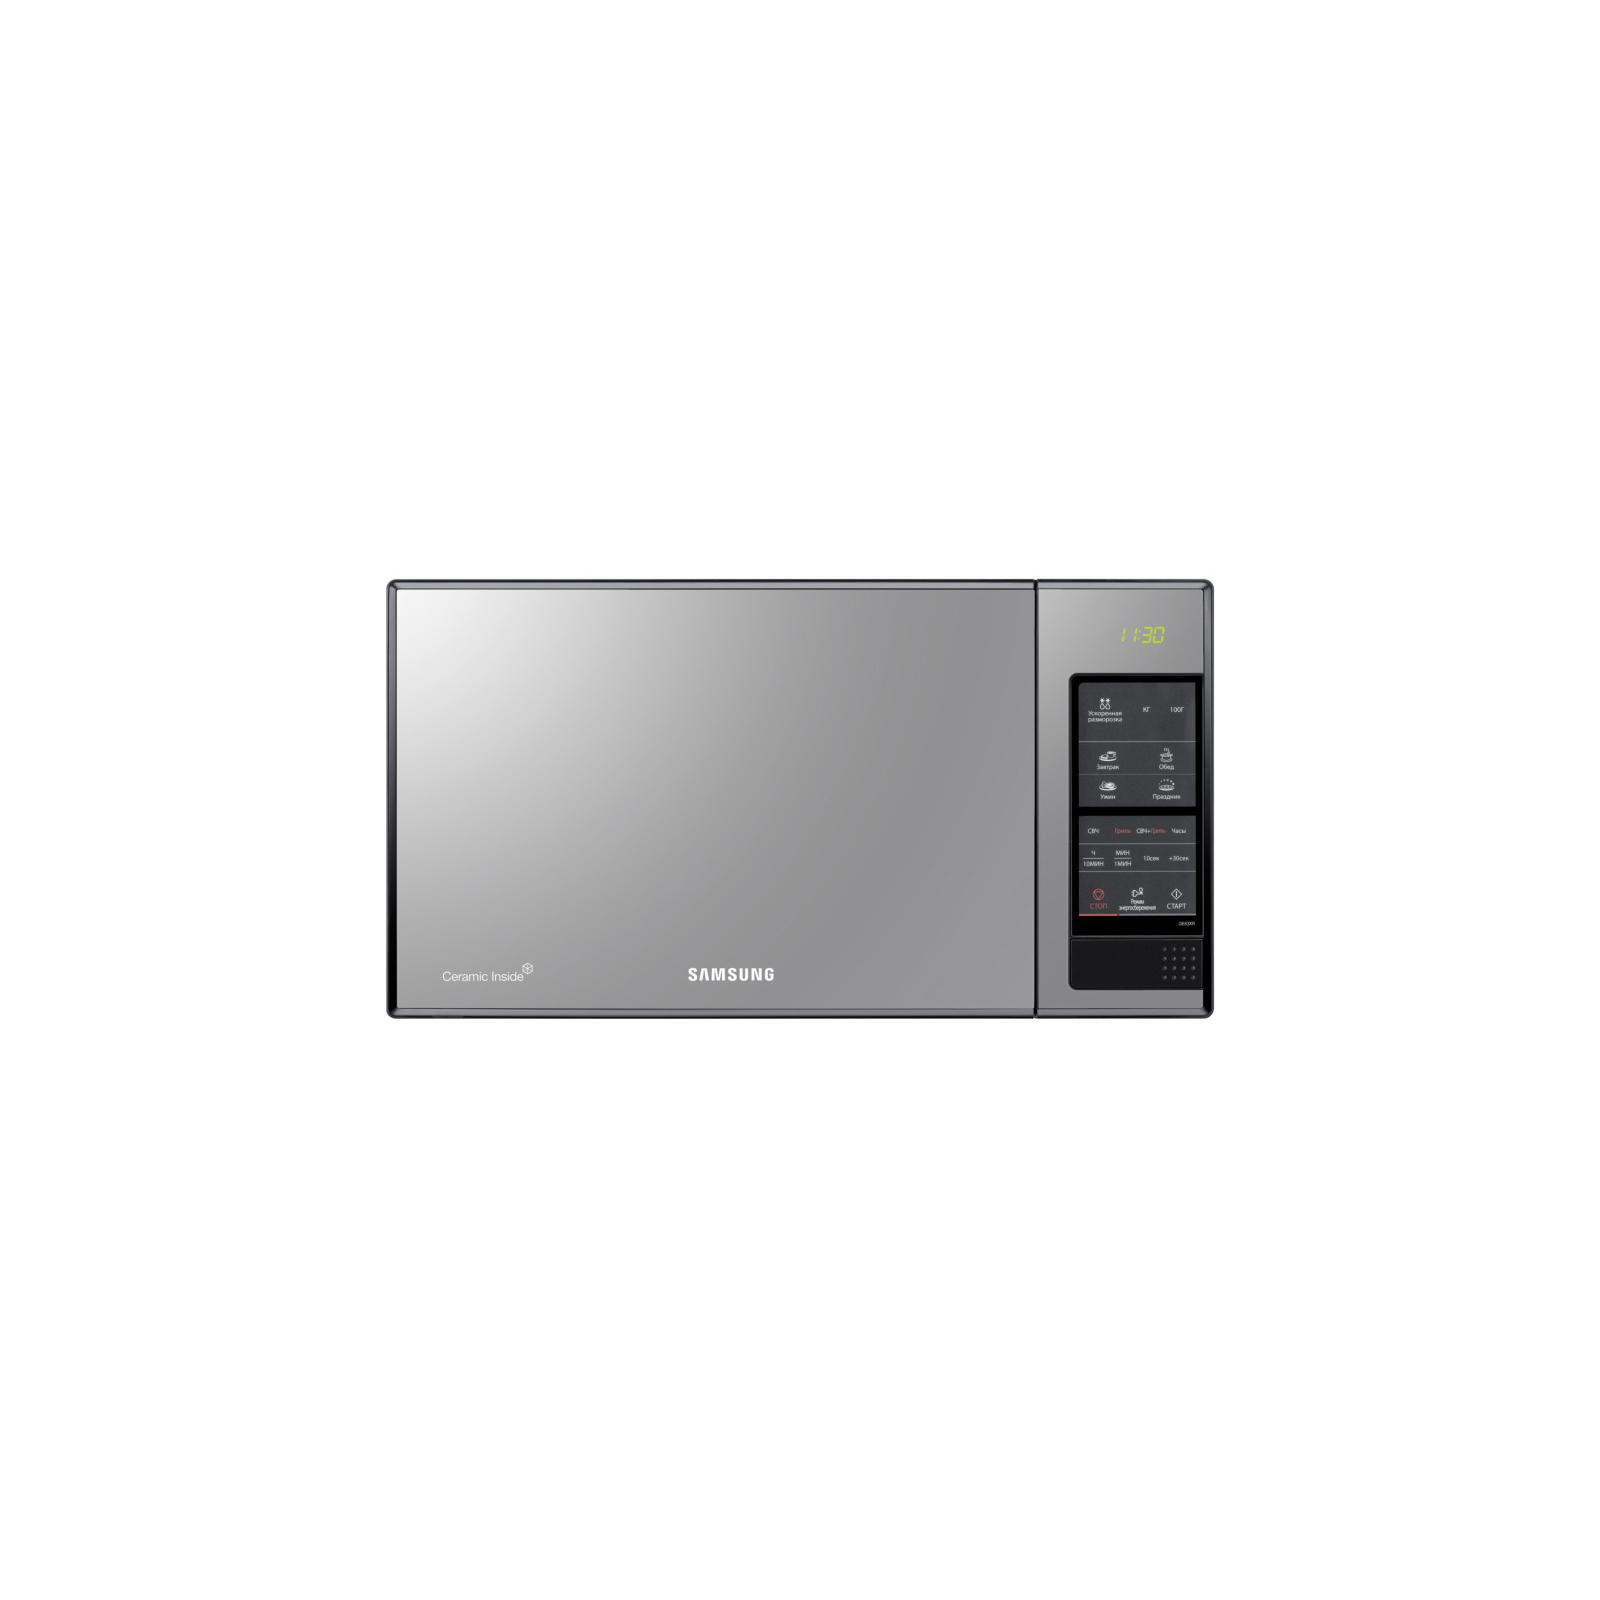 Микроволновая печь Samsung GE 83 XR/BWT (GE83XR/BWT)